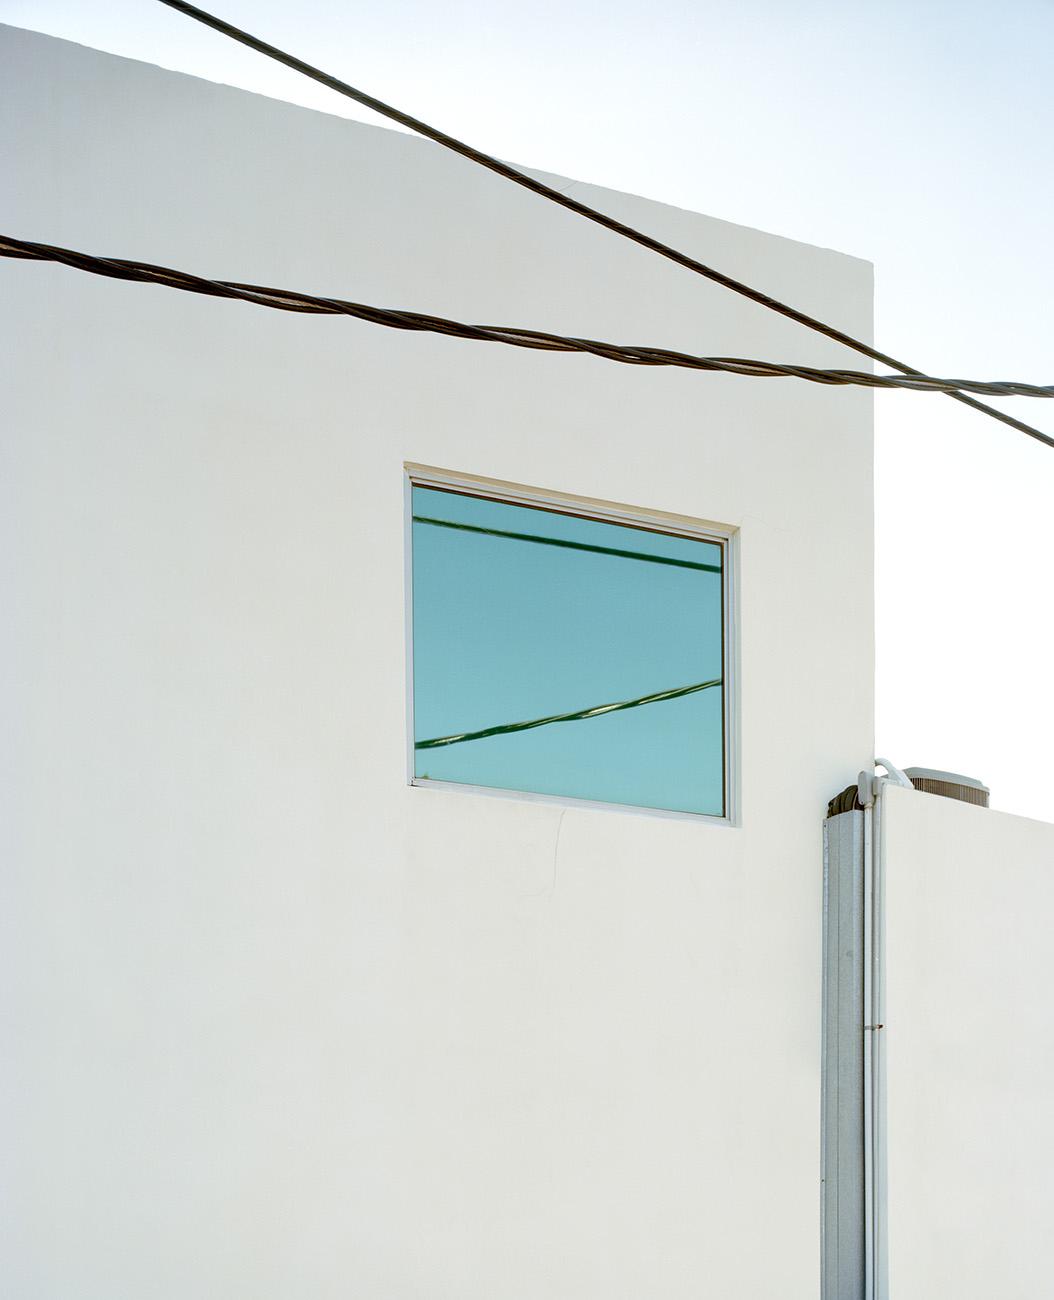 Fönster Miami 2 lager copy.jpg